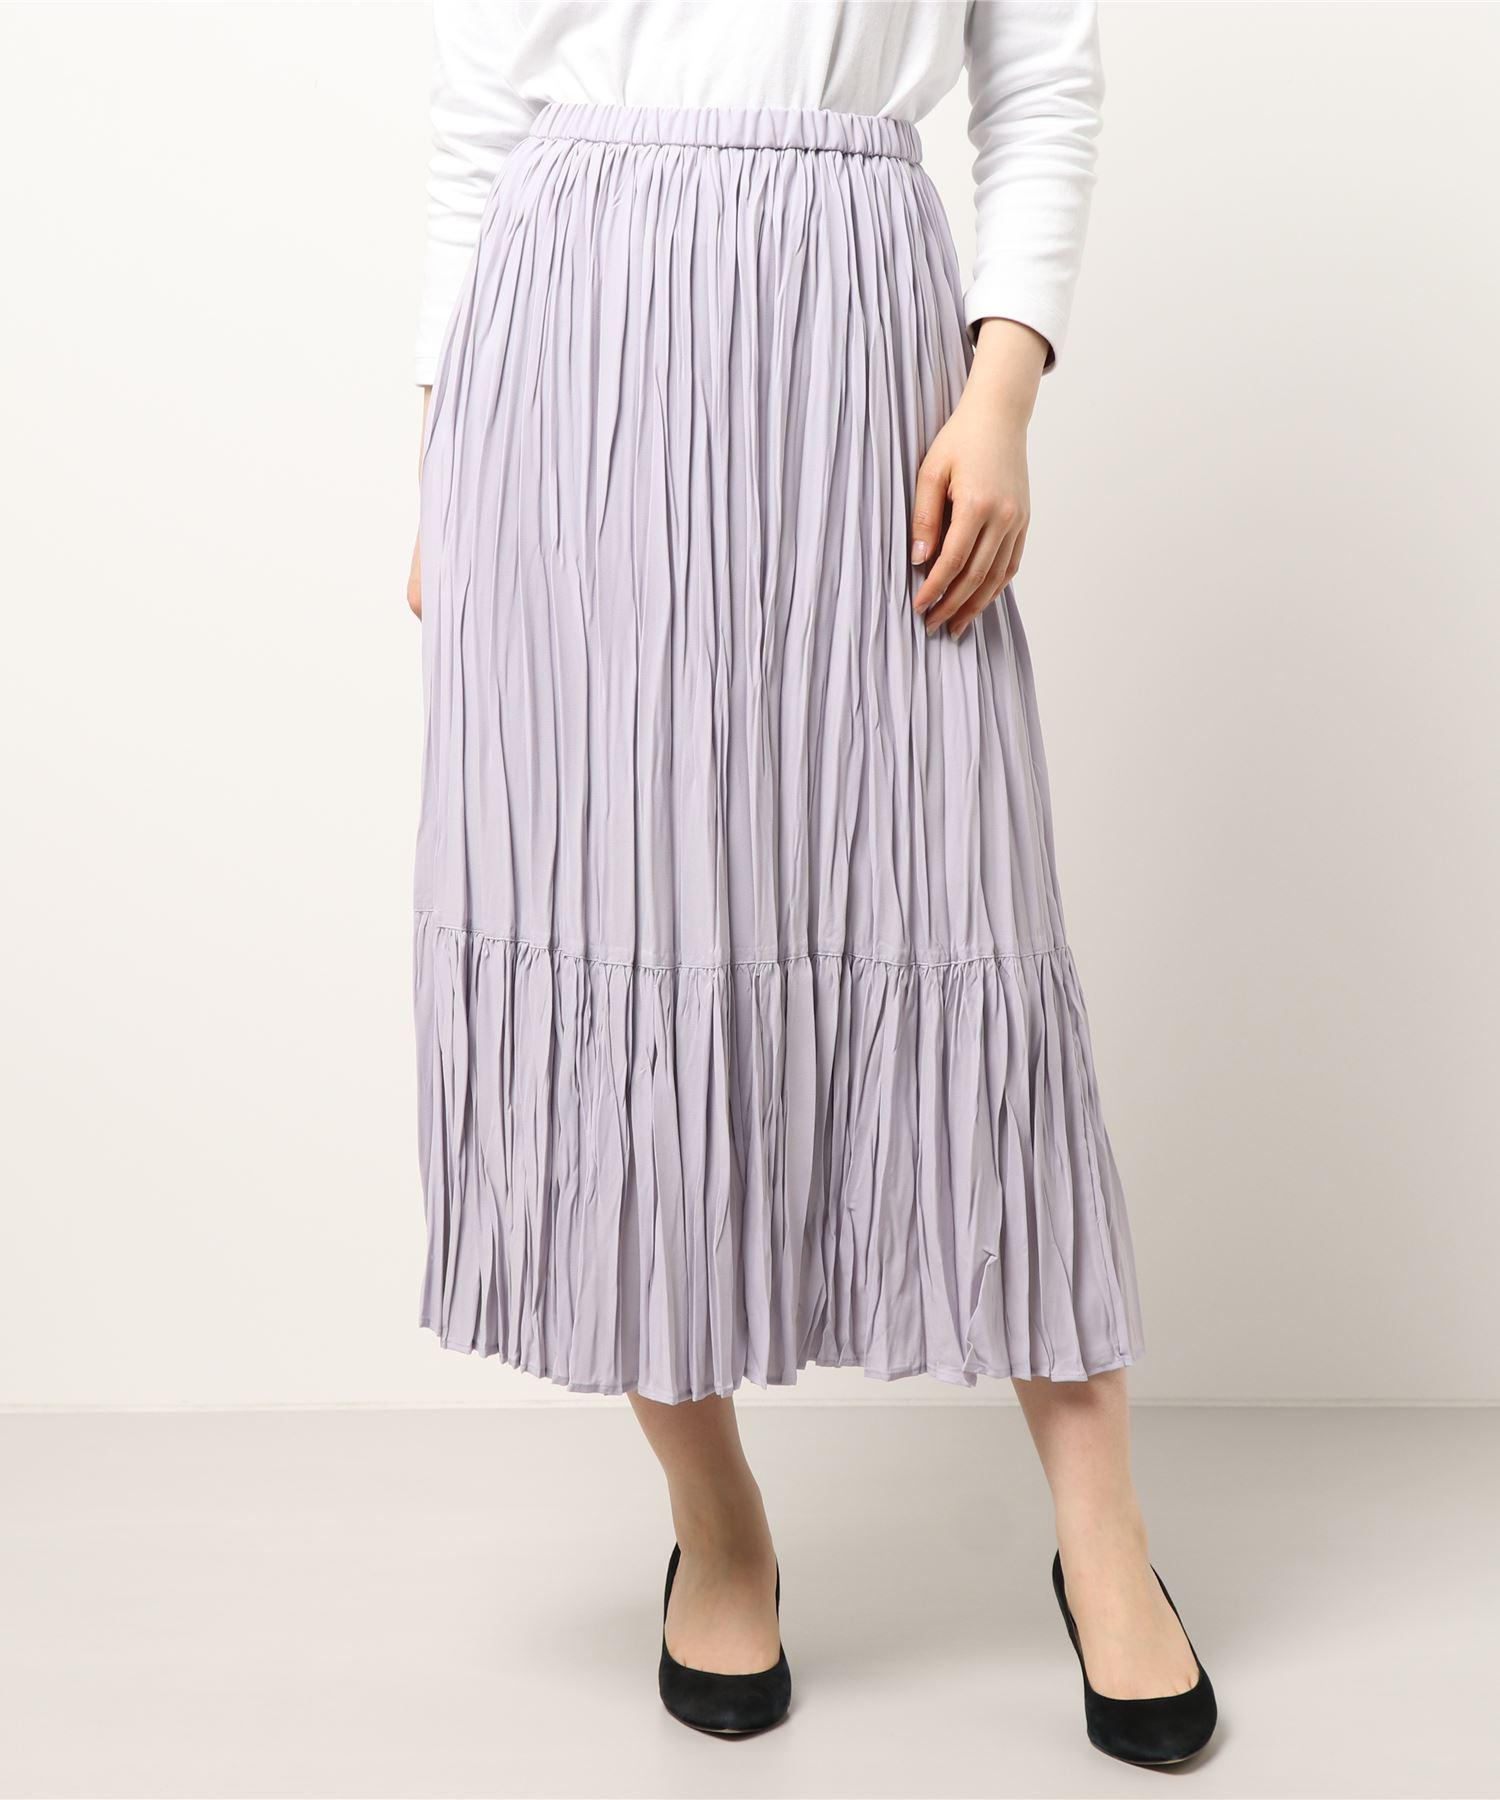 【THE CHIC】ジョーゼットティアードプリーツスカート